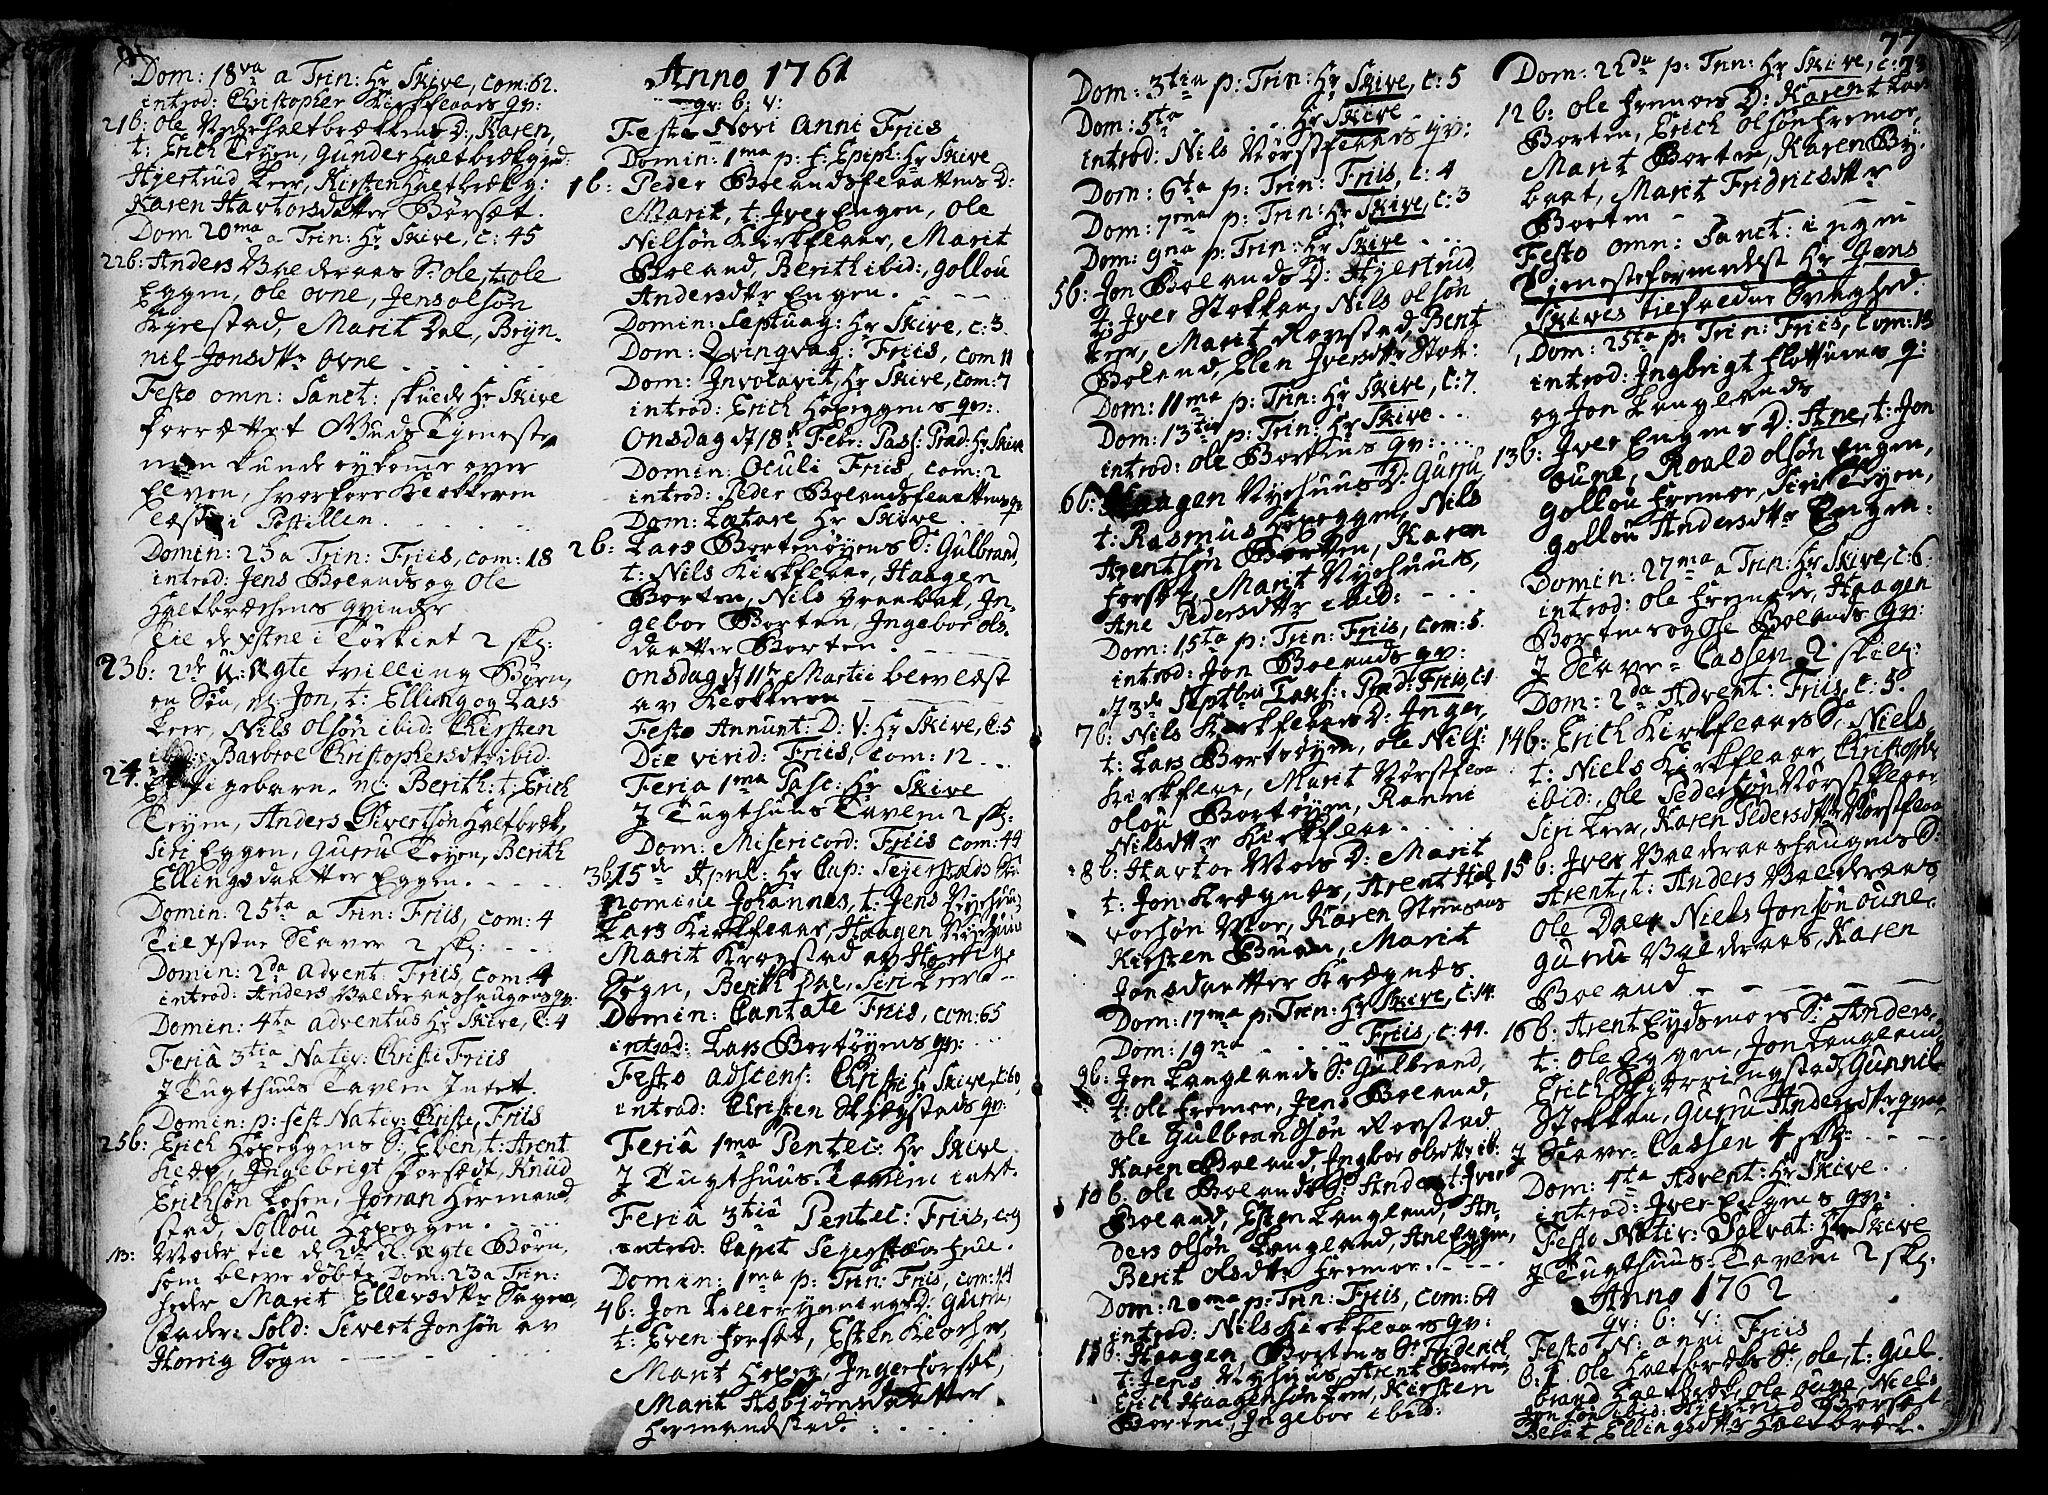 SAT, Ministerialprotokoller, klokkerbøker og fødselsregistre - Sør-Trøndelag, 691/L1058: Ministerialbok nr. 691A01 /2, 1740-1767, s. 77